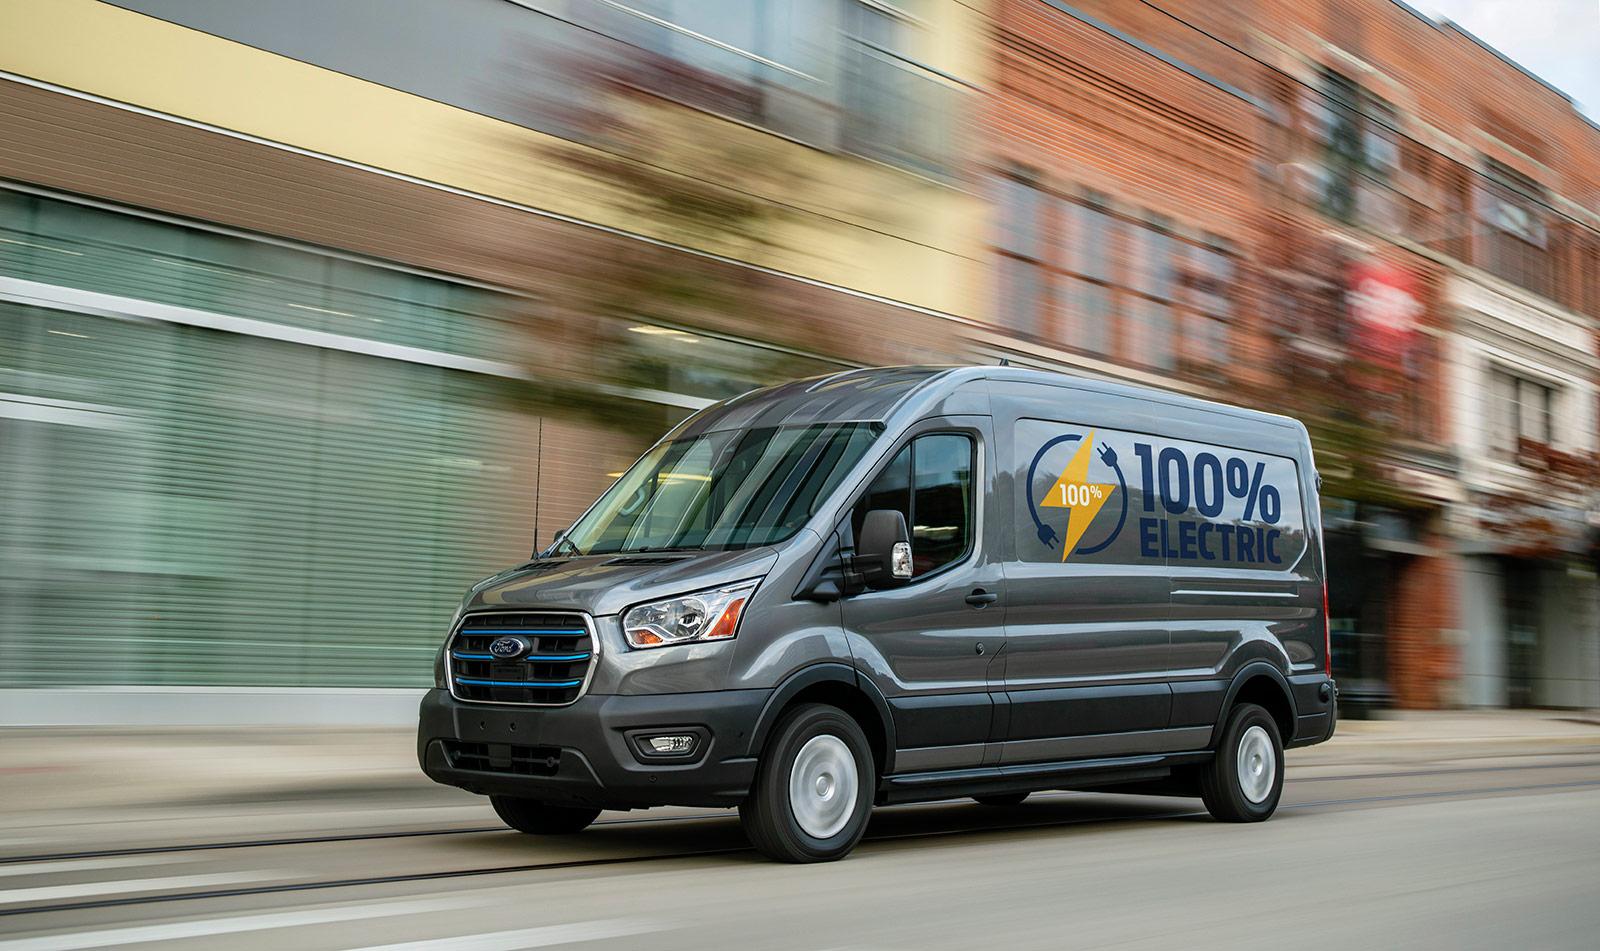 Представлен электрический автофургон Ford E-Transit